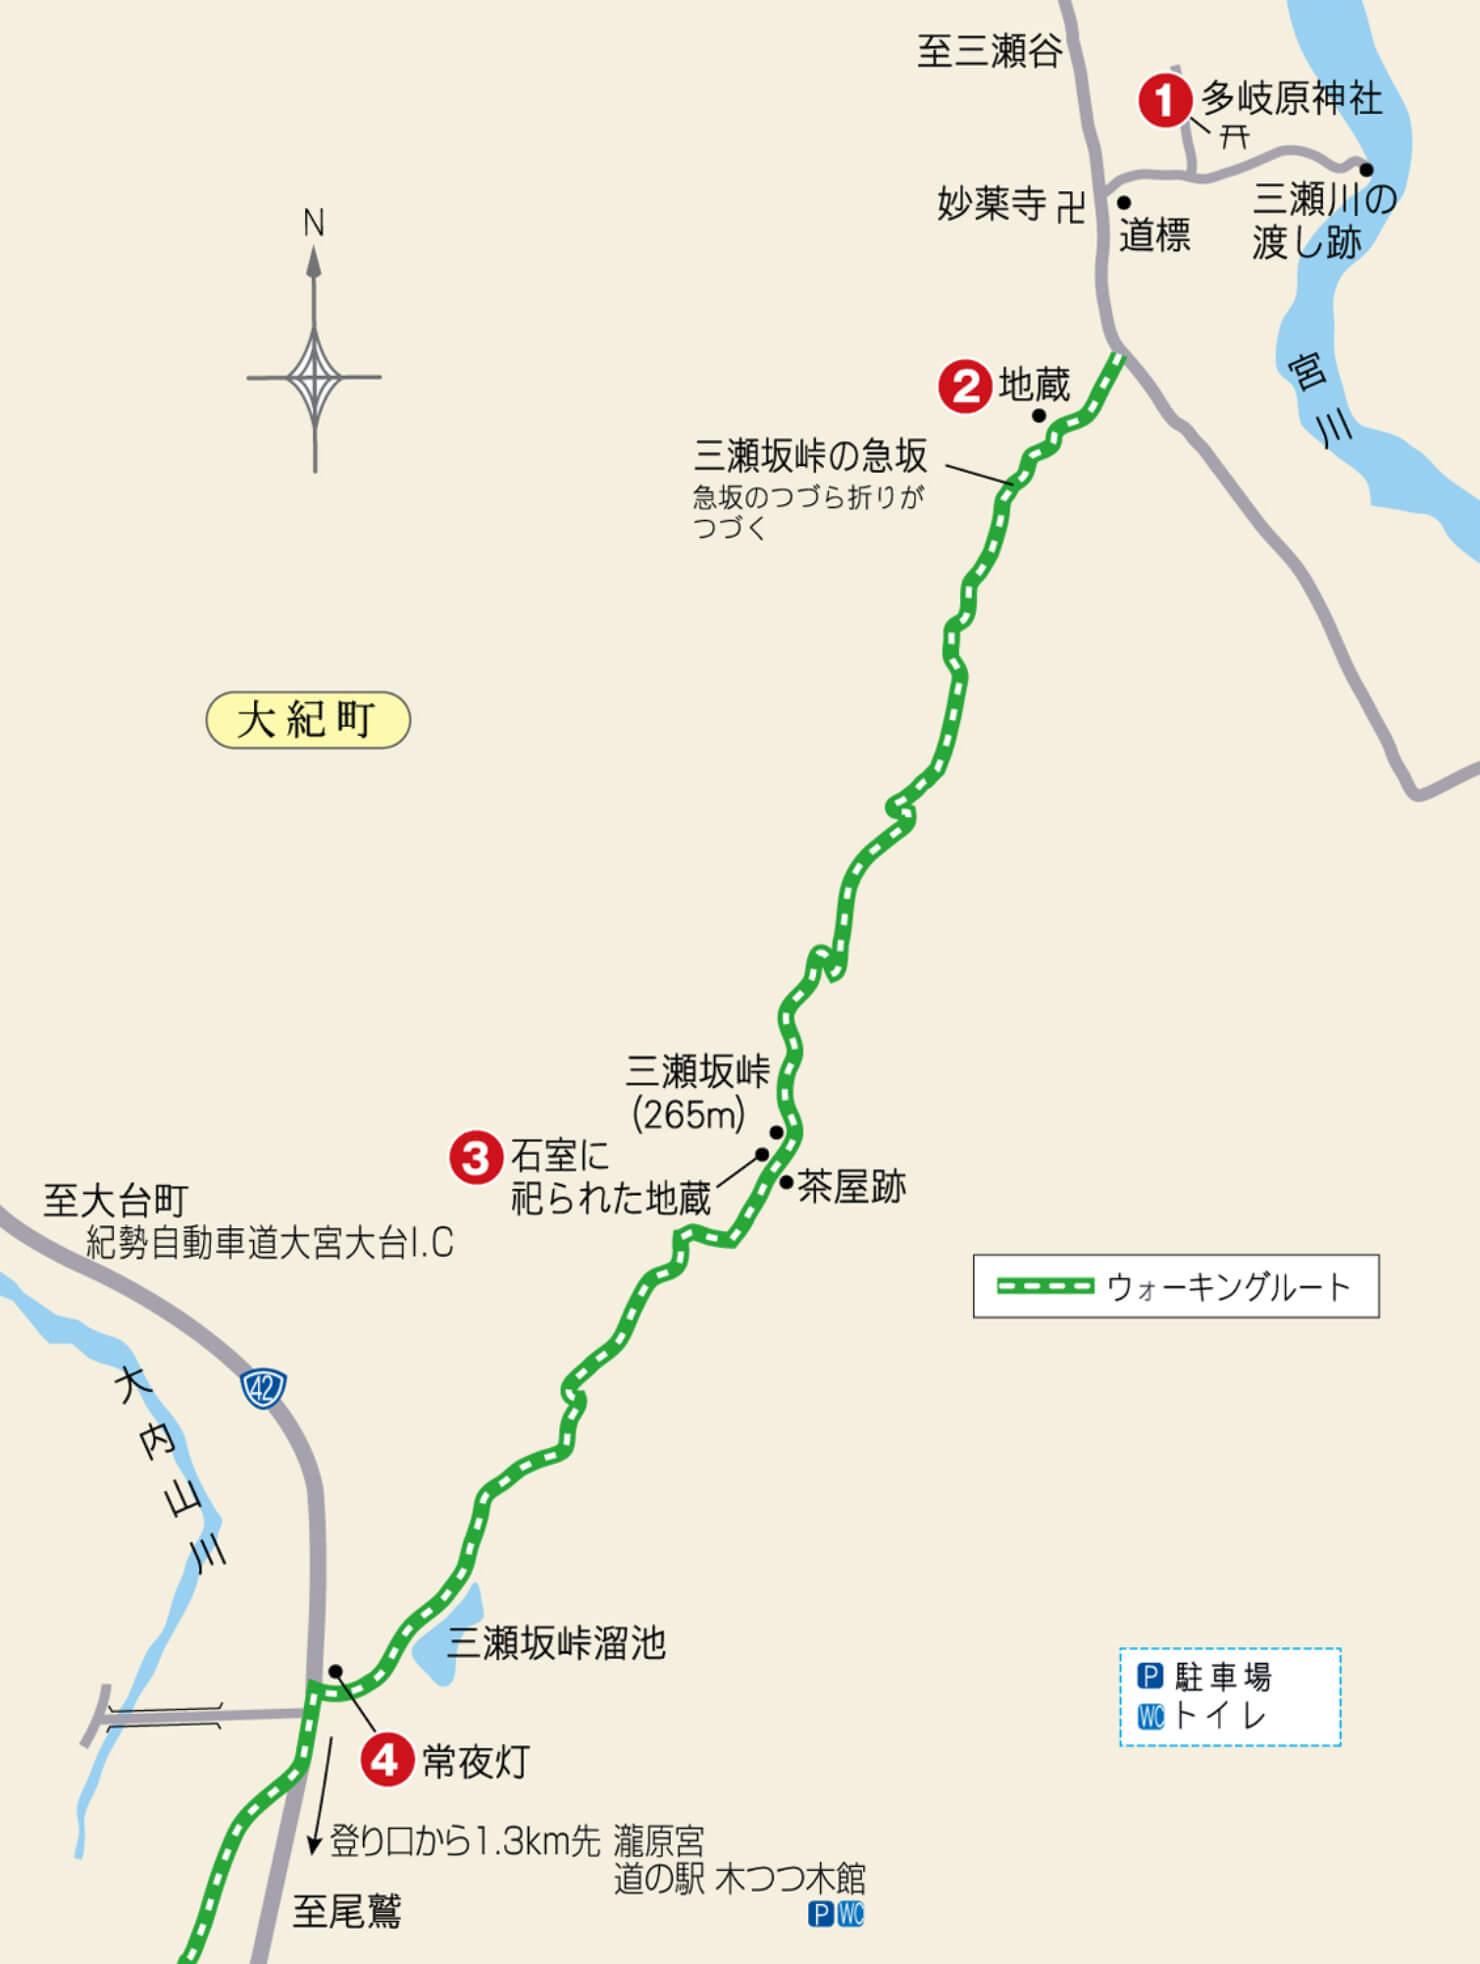 三瀬坂峠(みせさかとうげ)地図